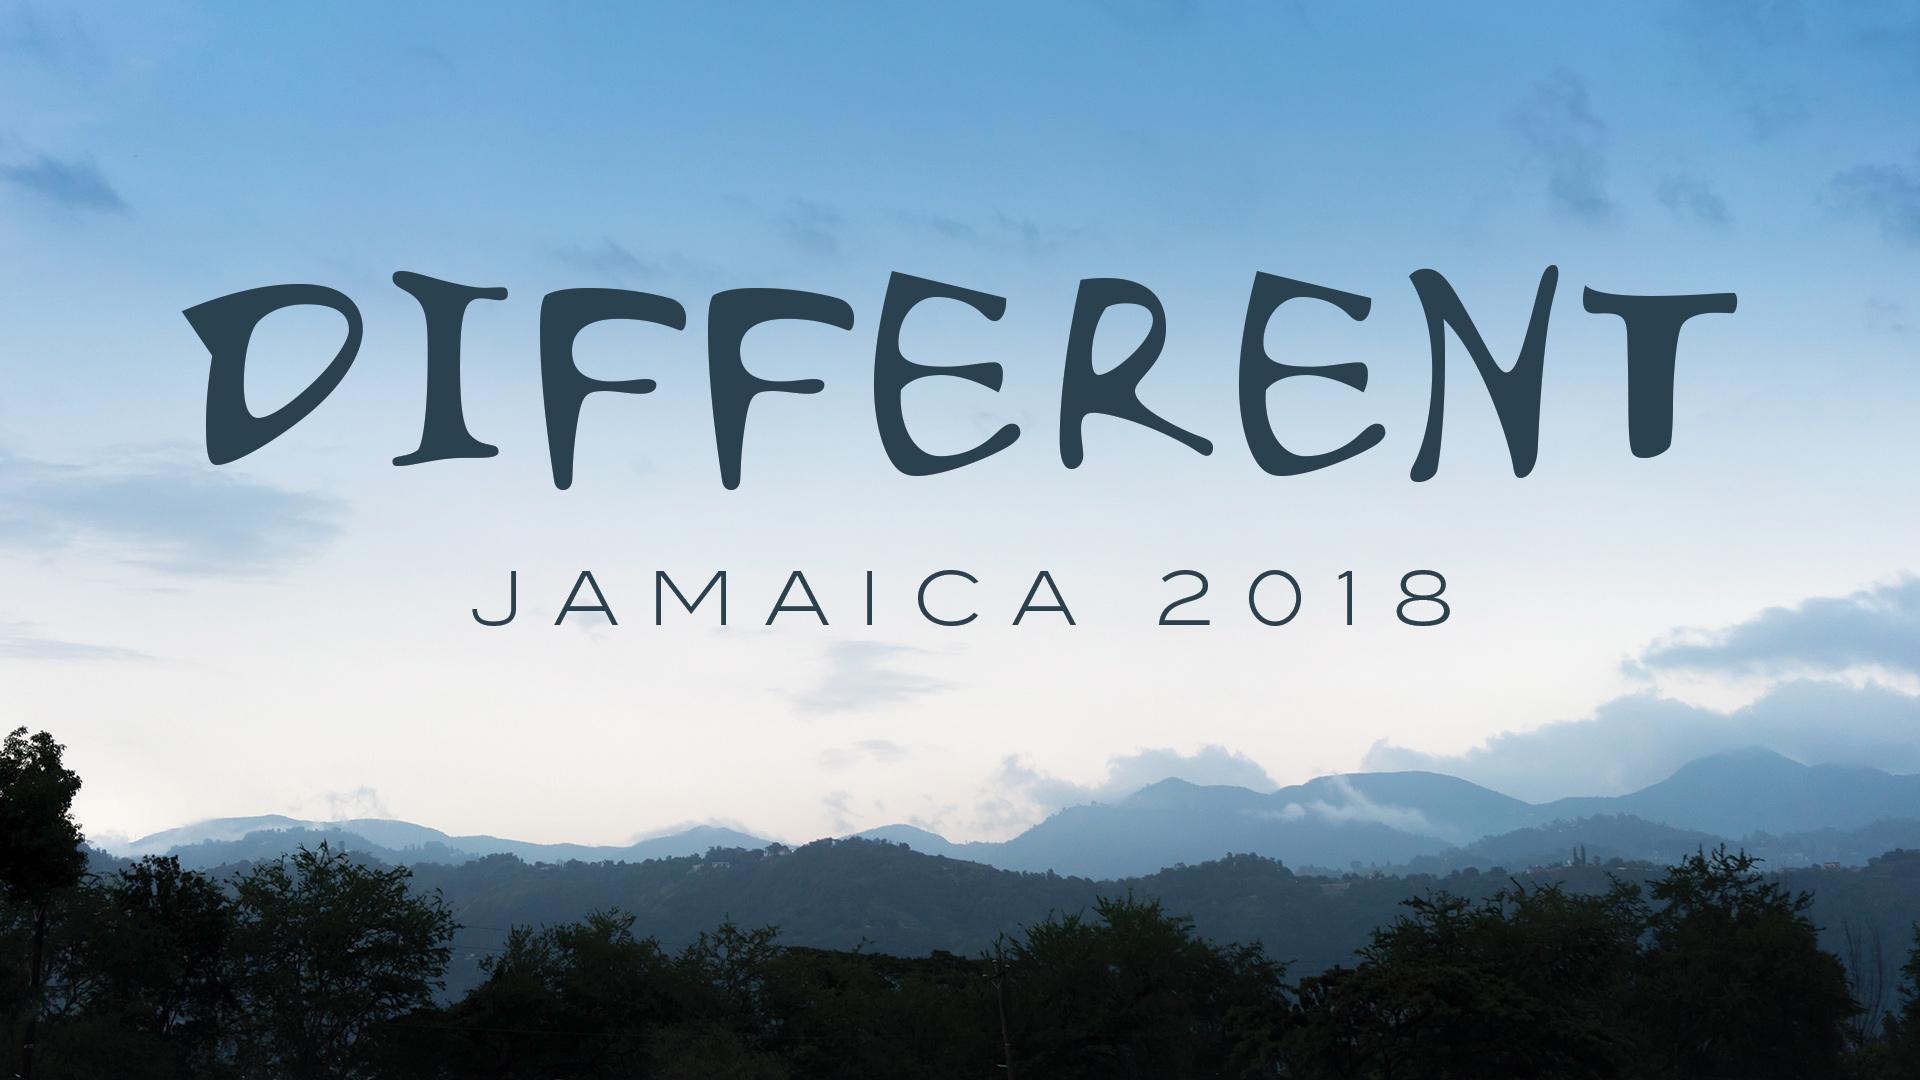 3 jamaica 2018